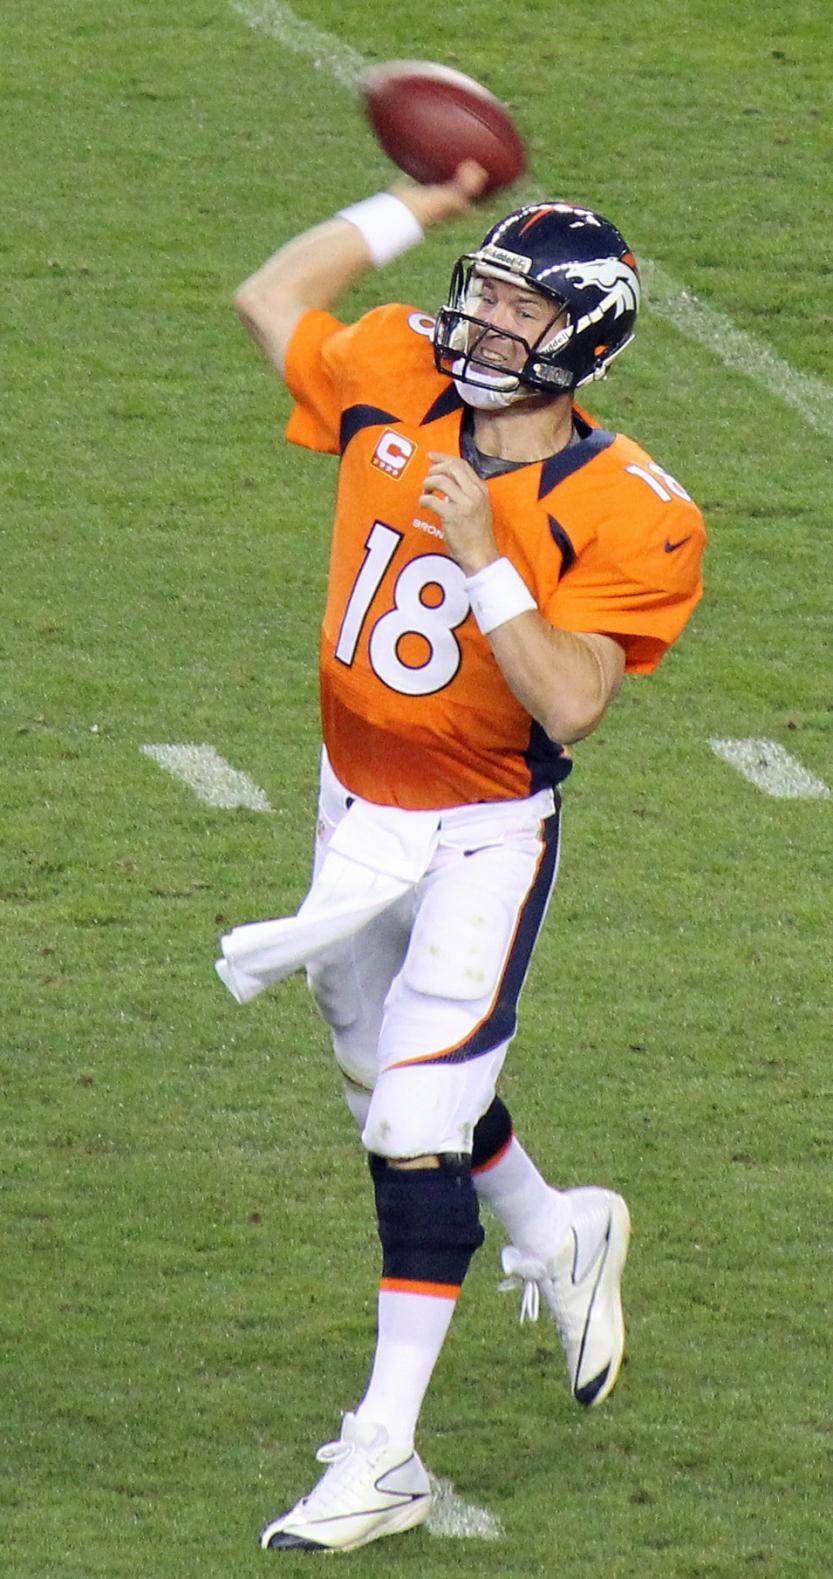 doug-macfaddin-Peyton_Manning_throwing